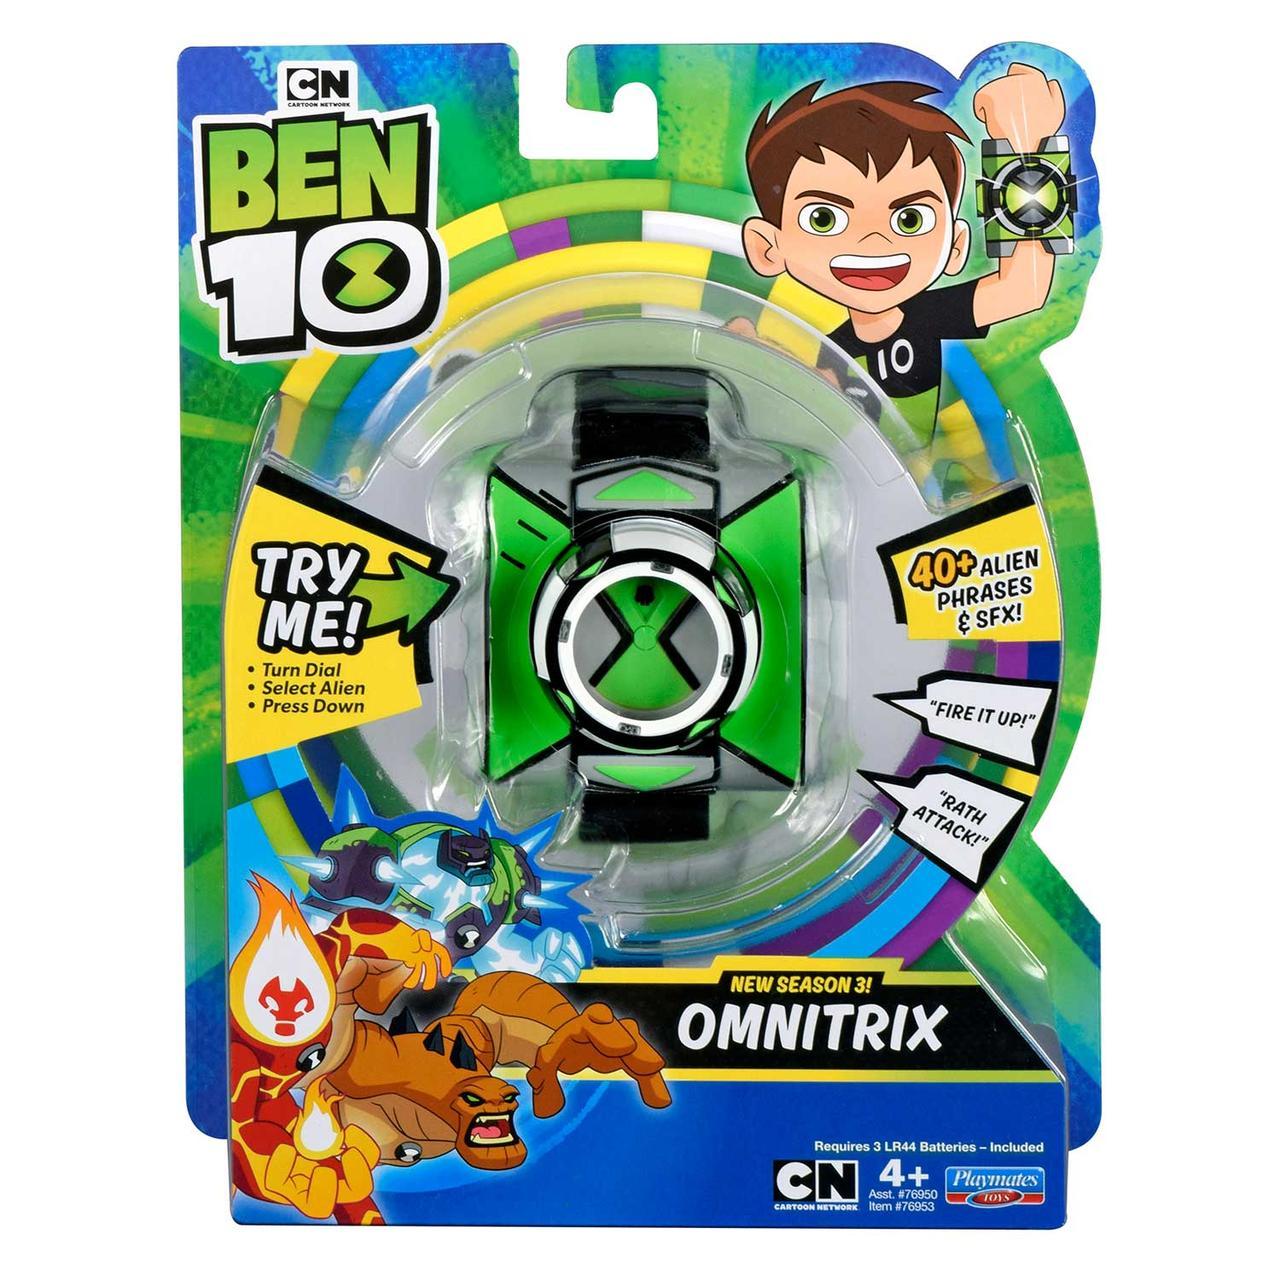 Часы бен тен 10 Ben 10  Омнитрикс  76900